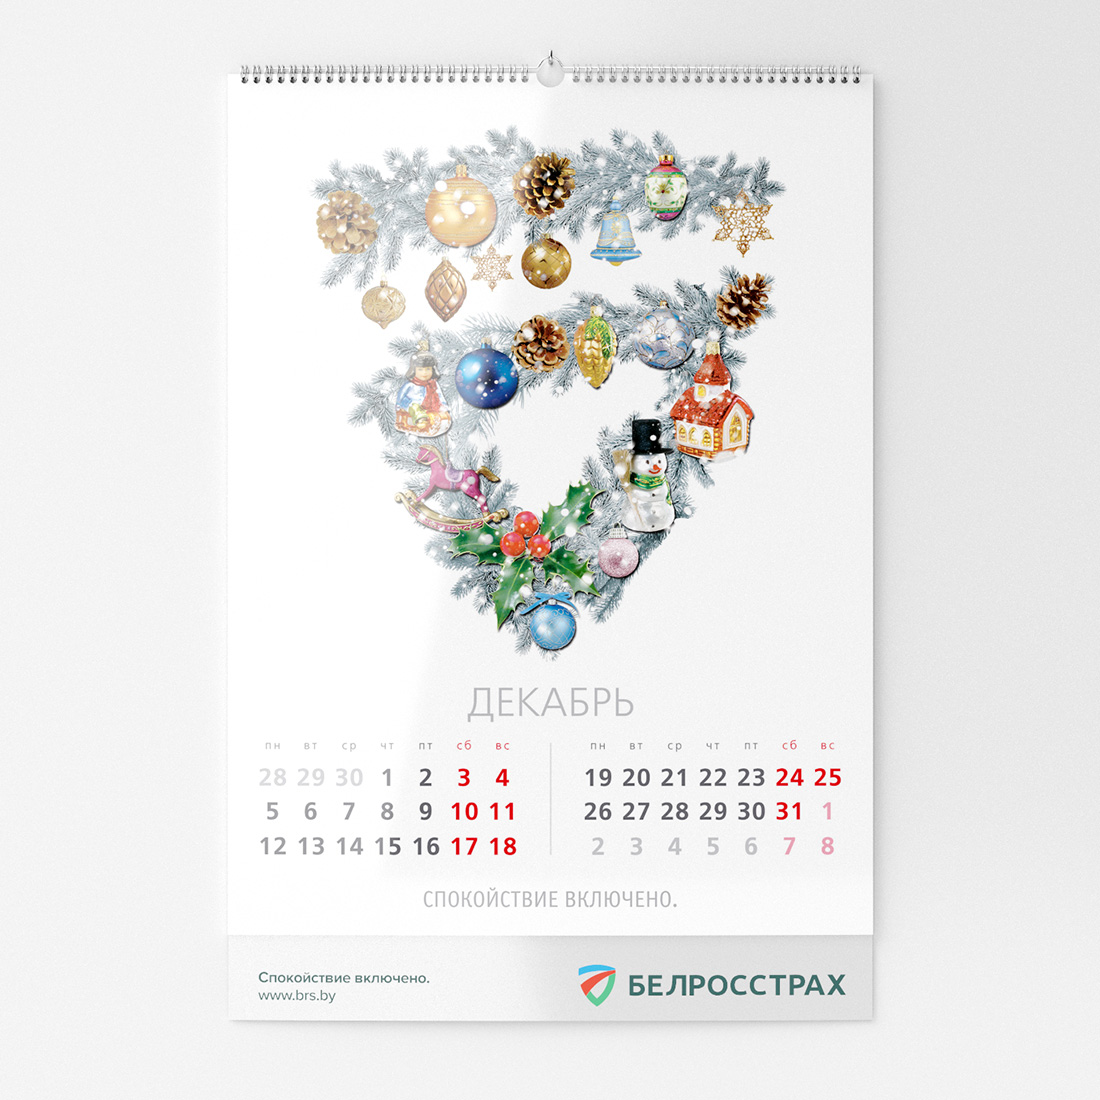 Белросстрах - календарь 2016 «Ассоциации»